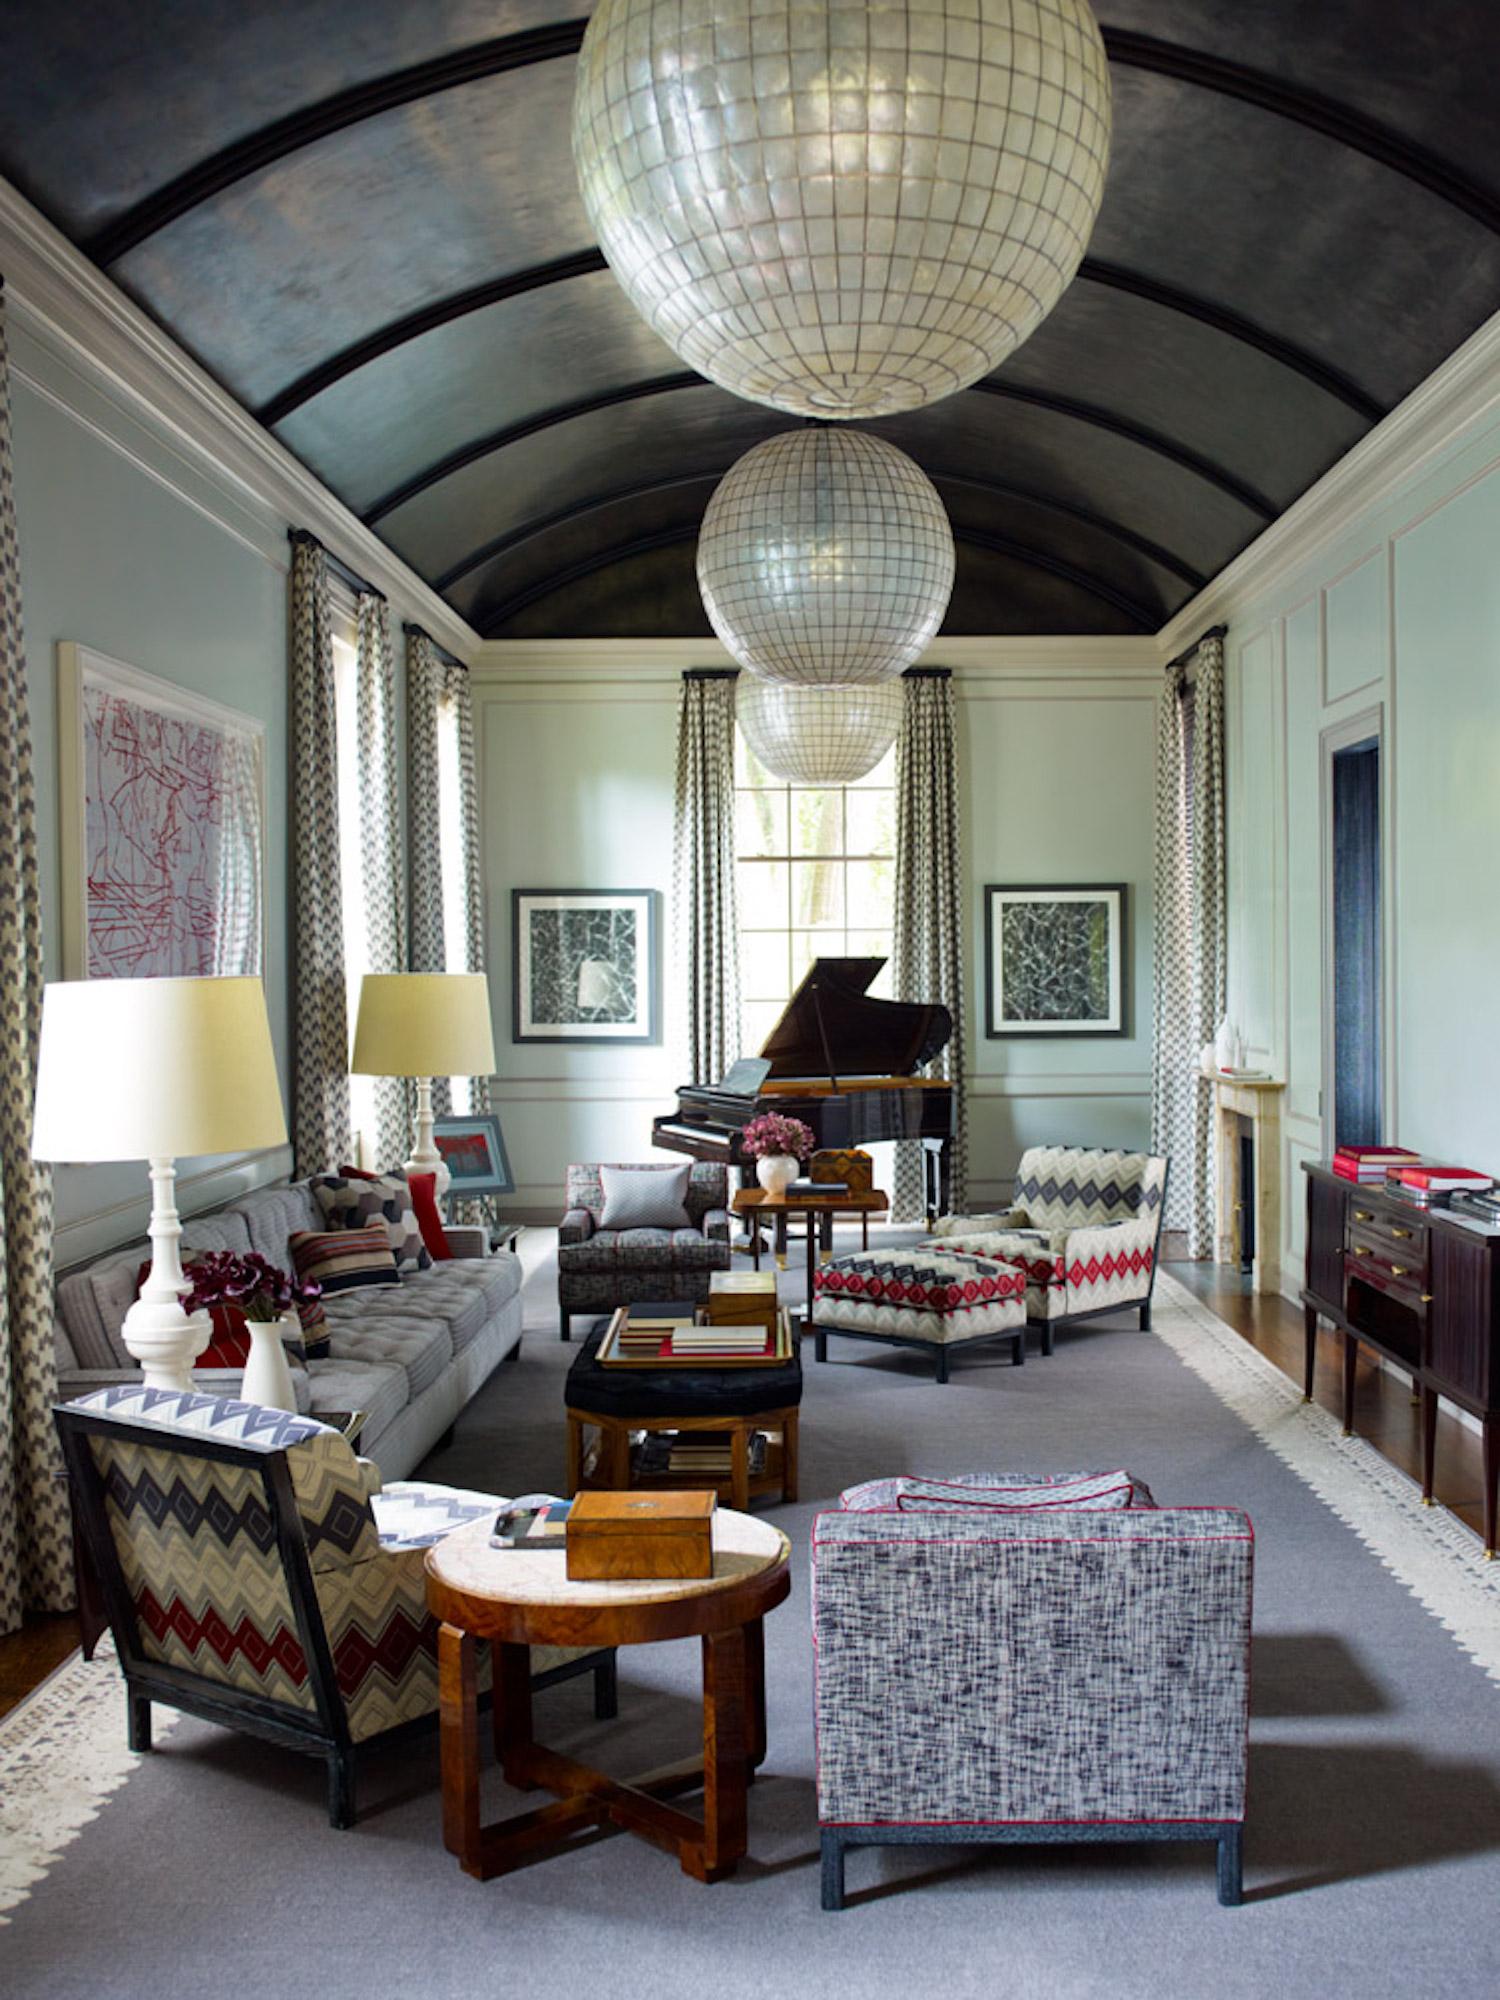 0901_living room 2.jpg